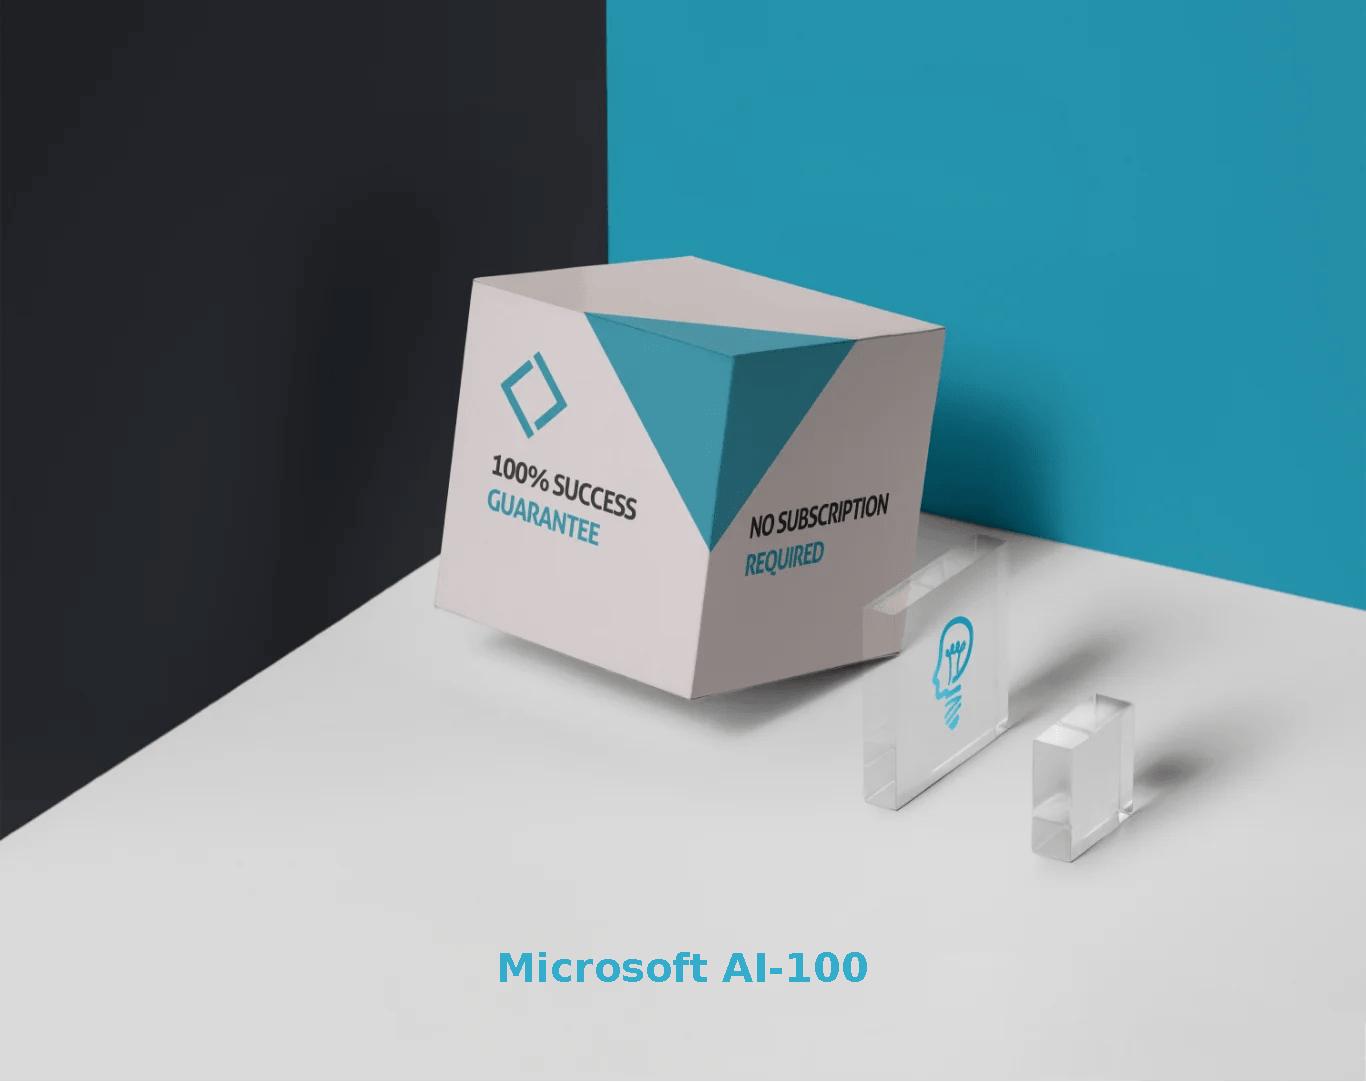 Microsoft AI-100 Exams